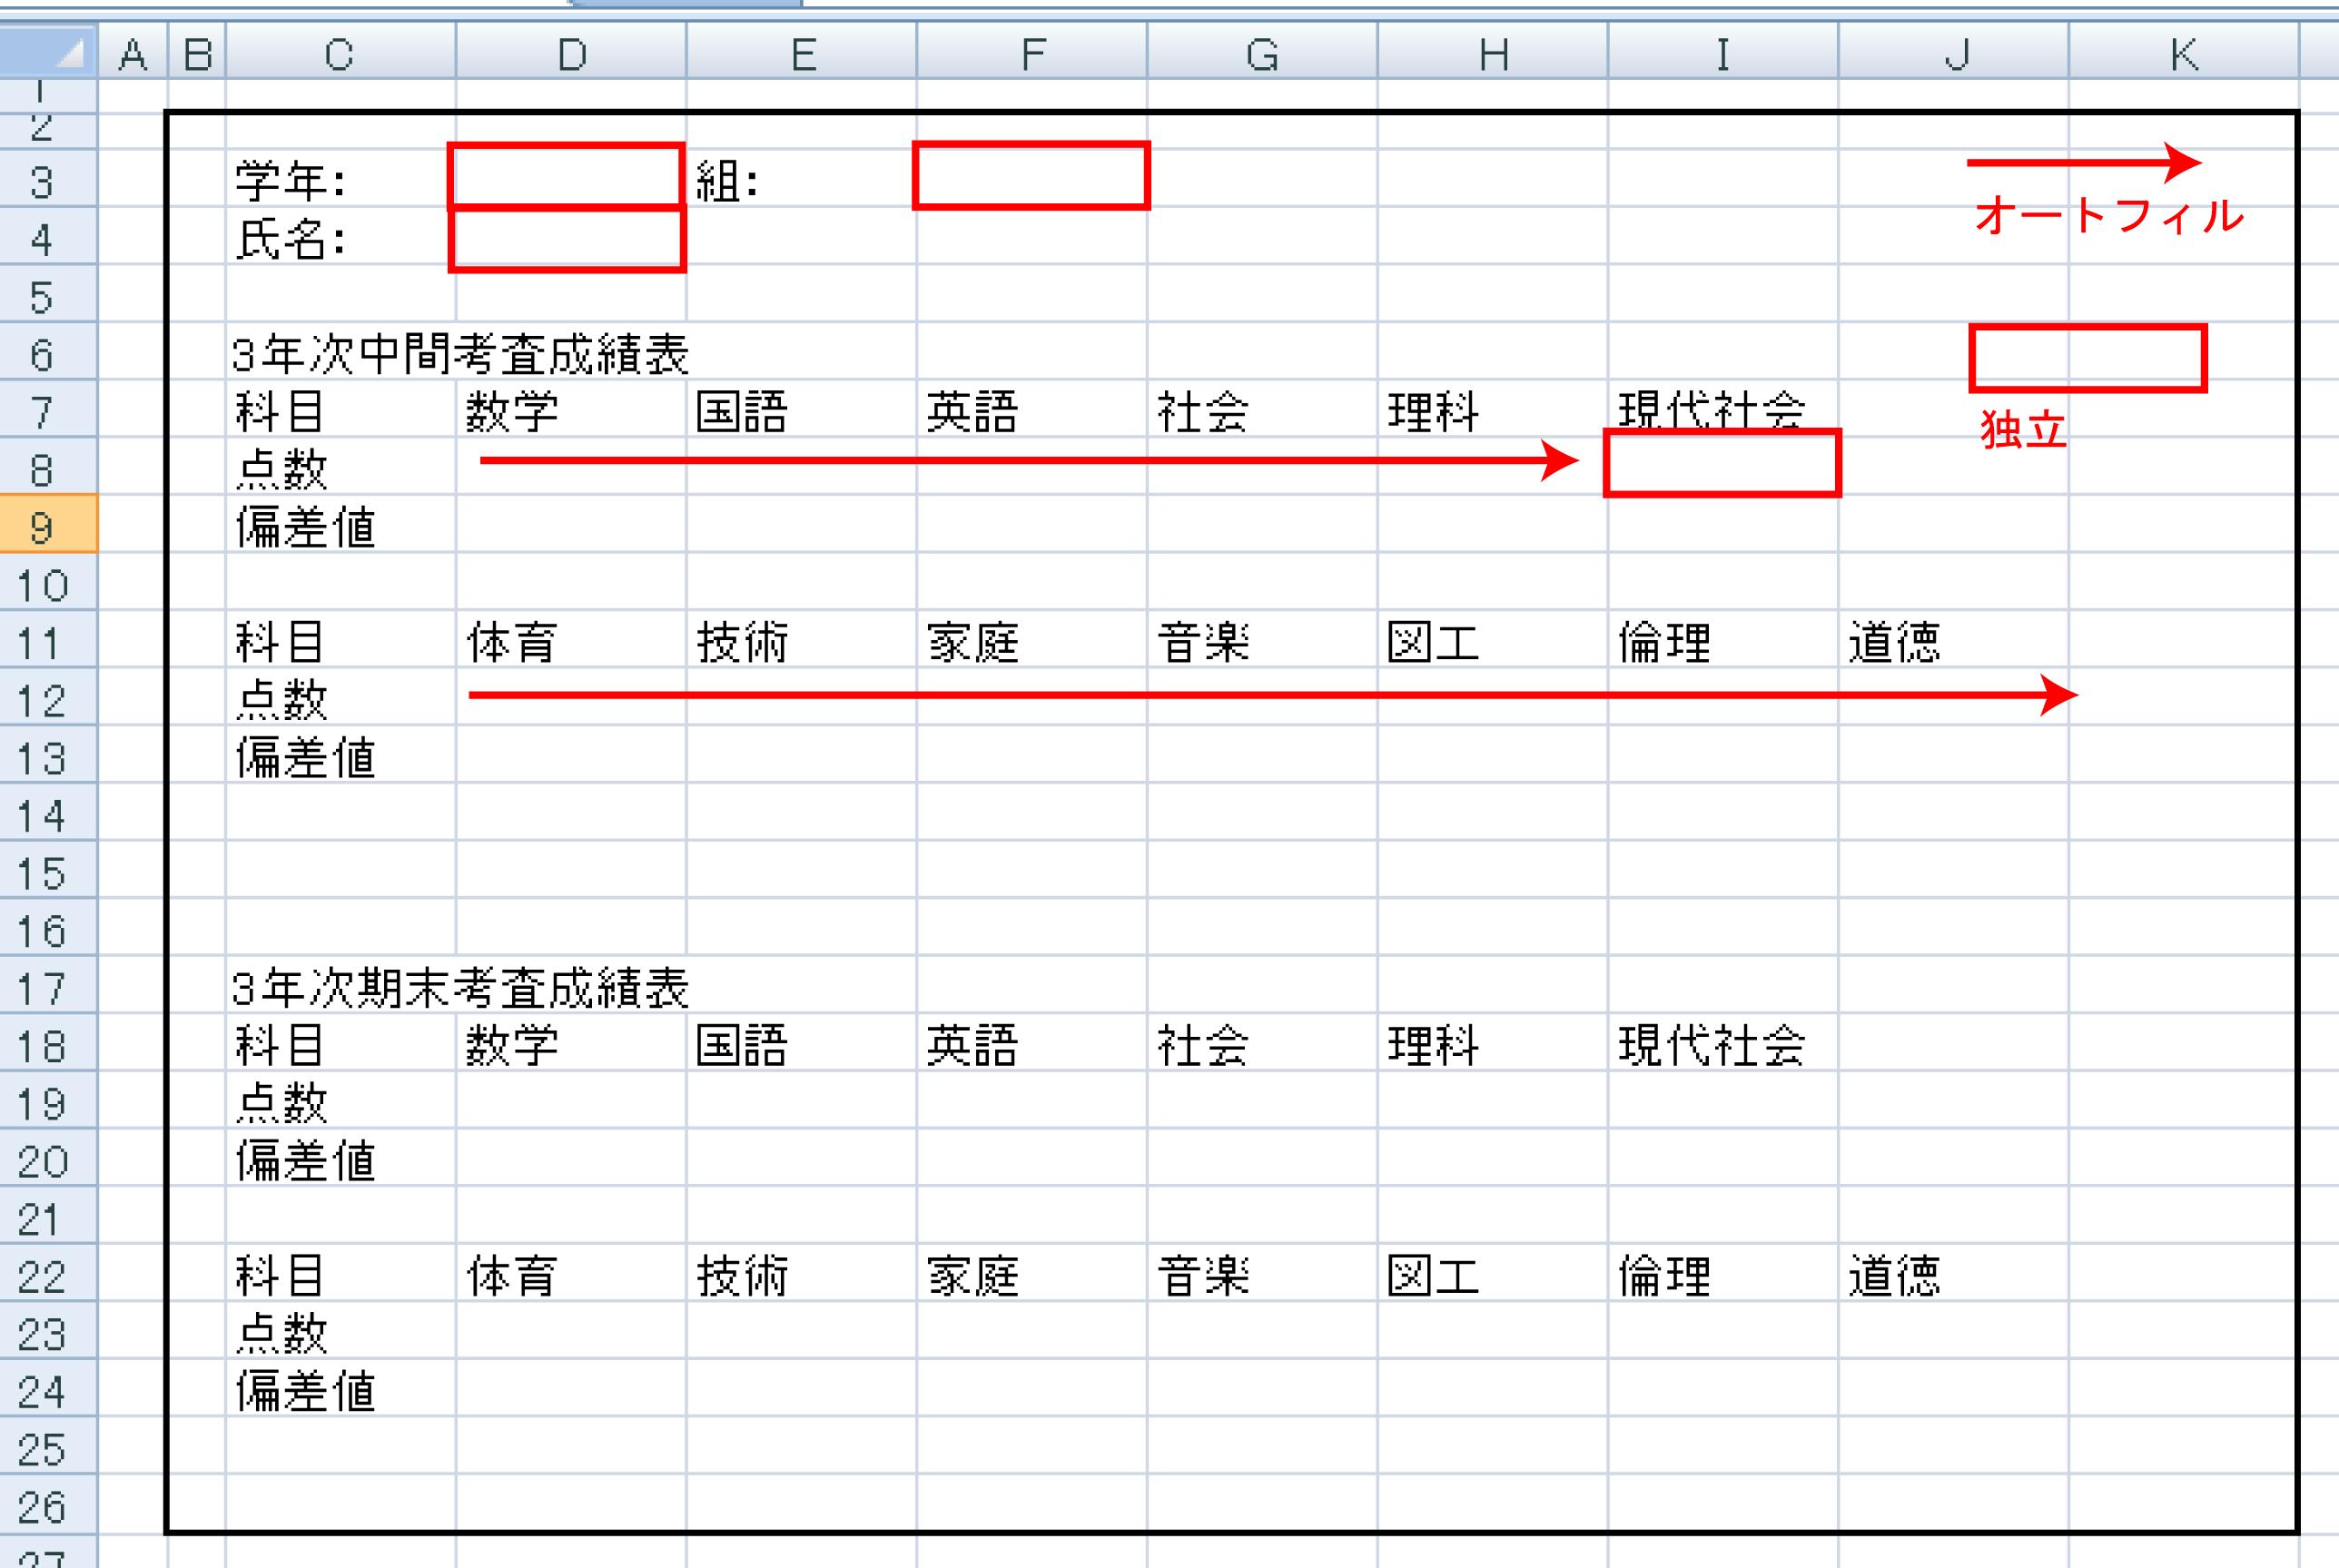 ある出力書式に対するvlookup関数の記載方法です。